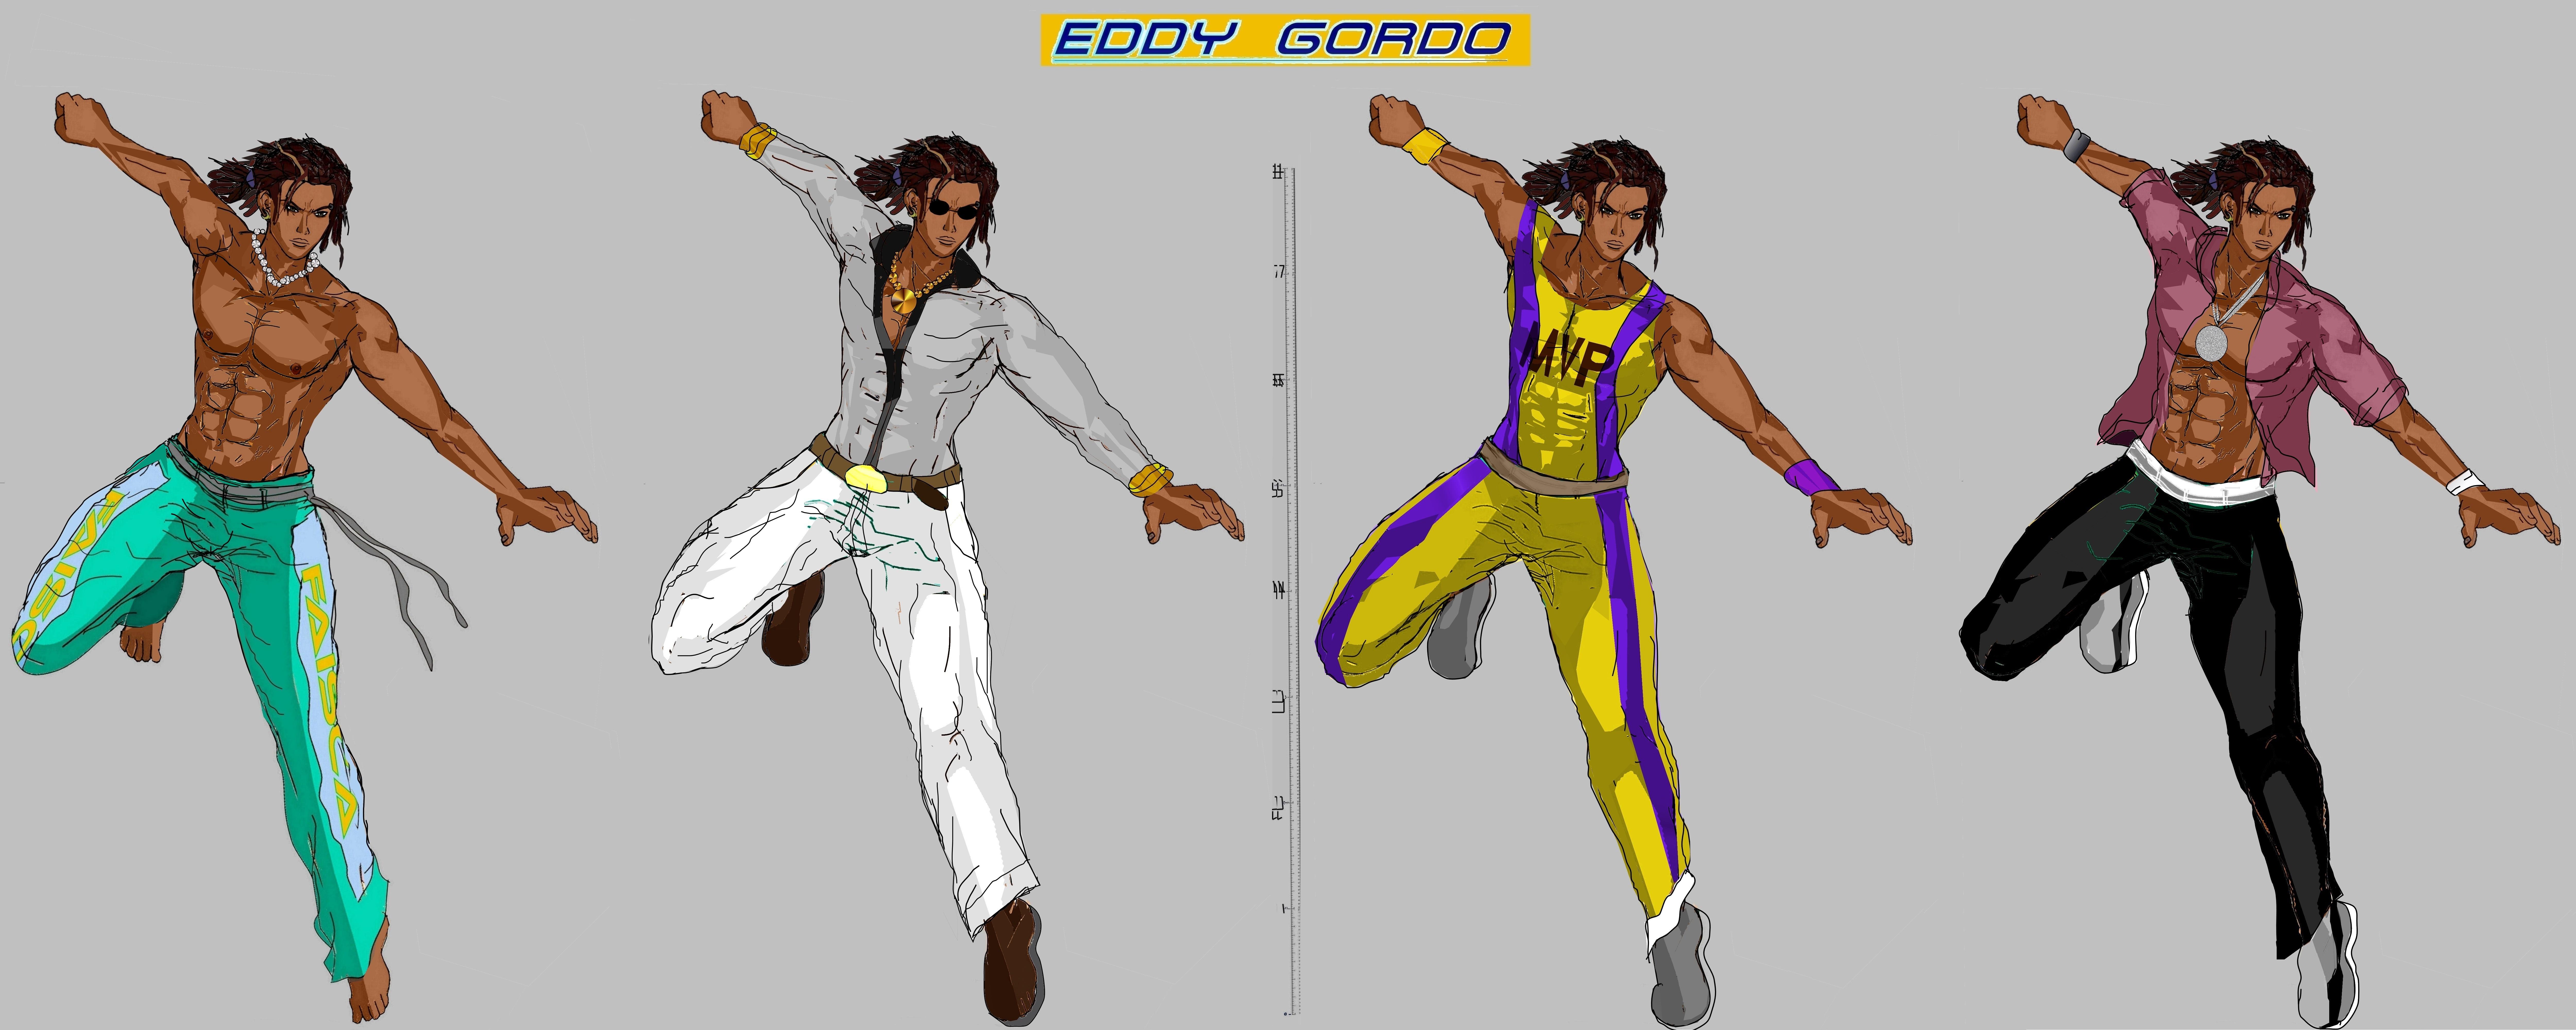 Tekken 7 Eddy Models By La Laker On Deviantart